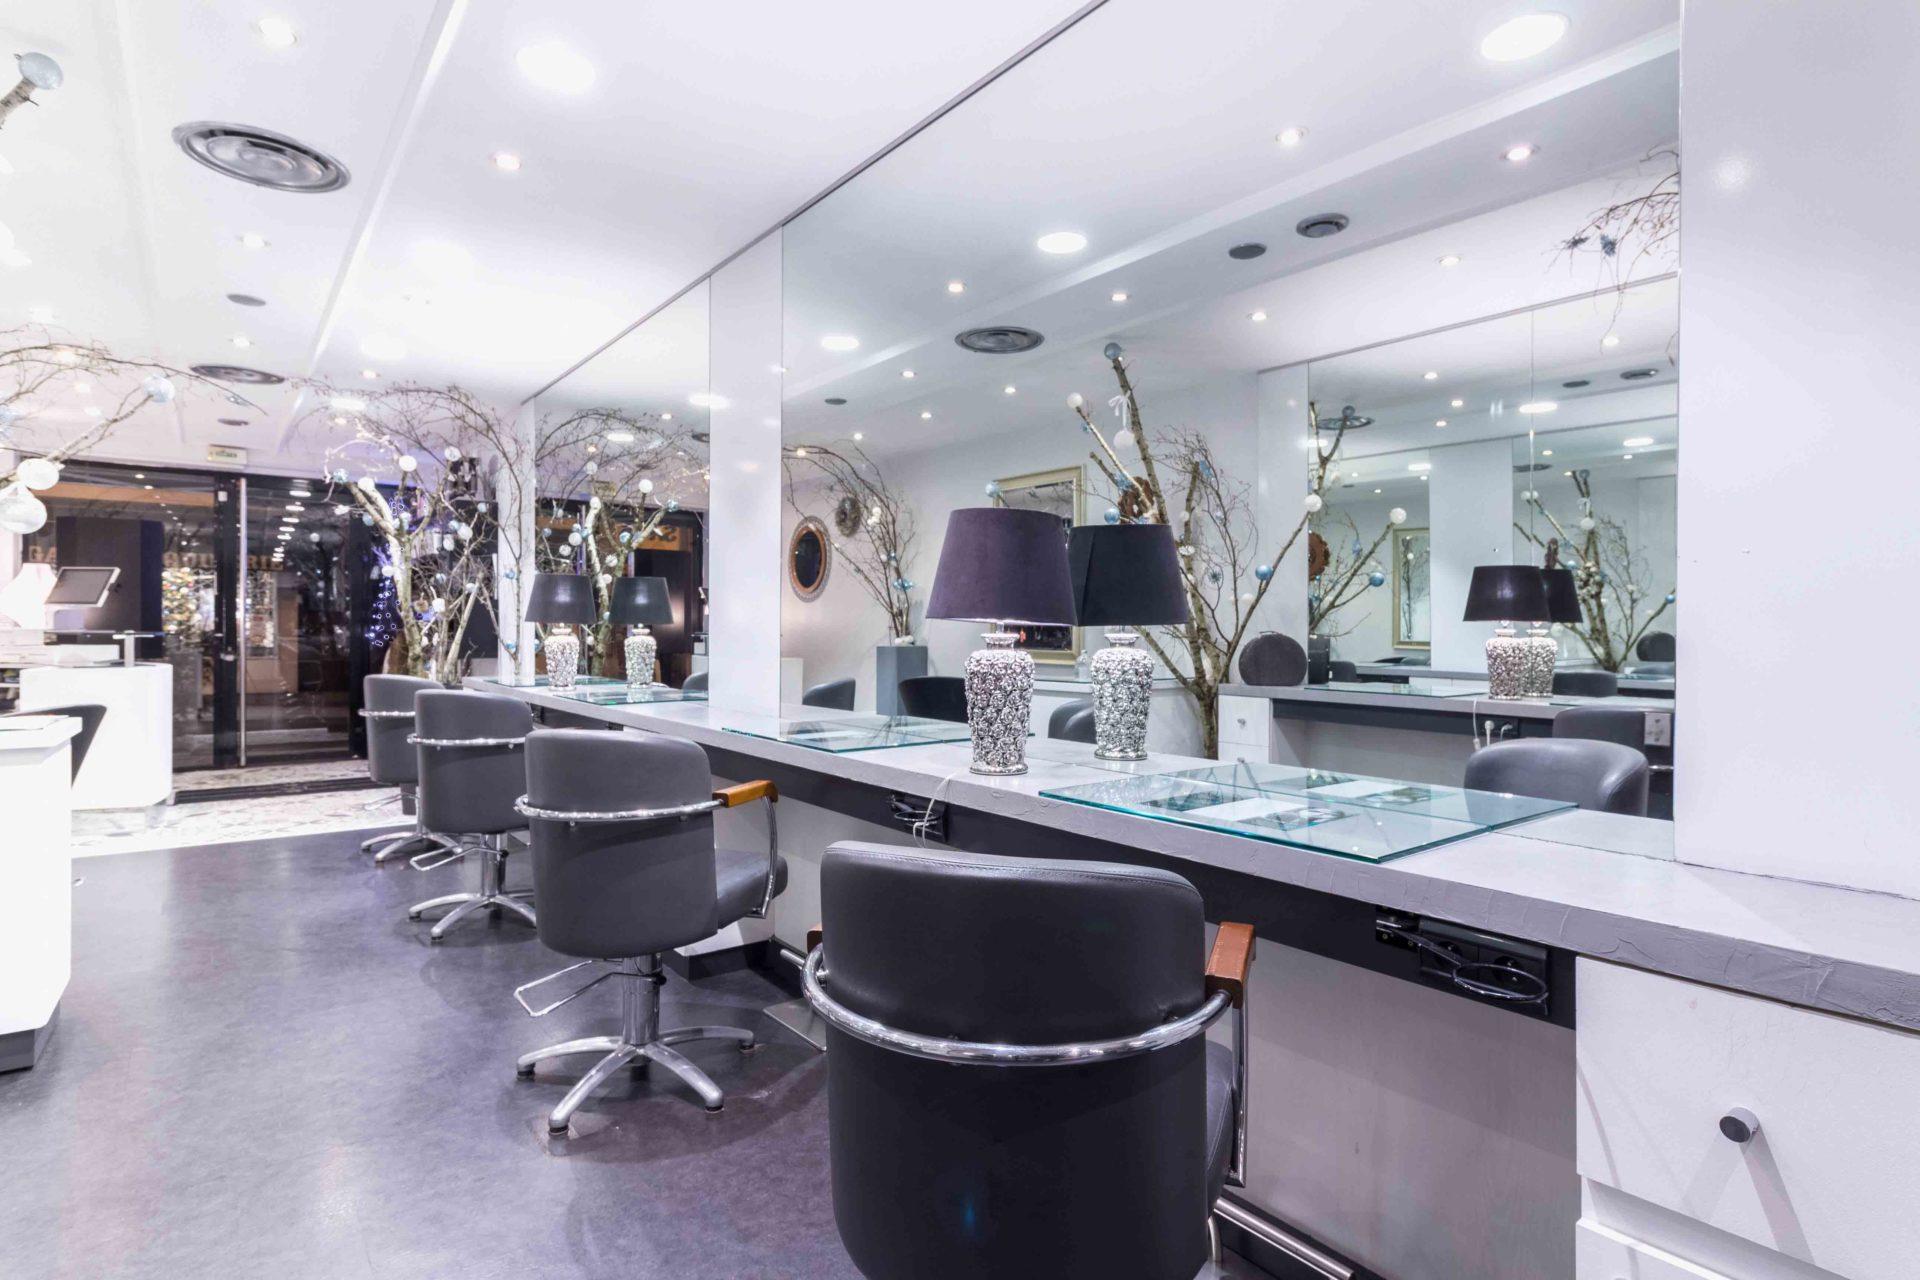 photographie-d-interieur-salon-coiffure-Lourdes-décoration-Noël